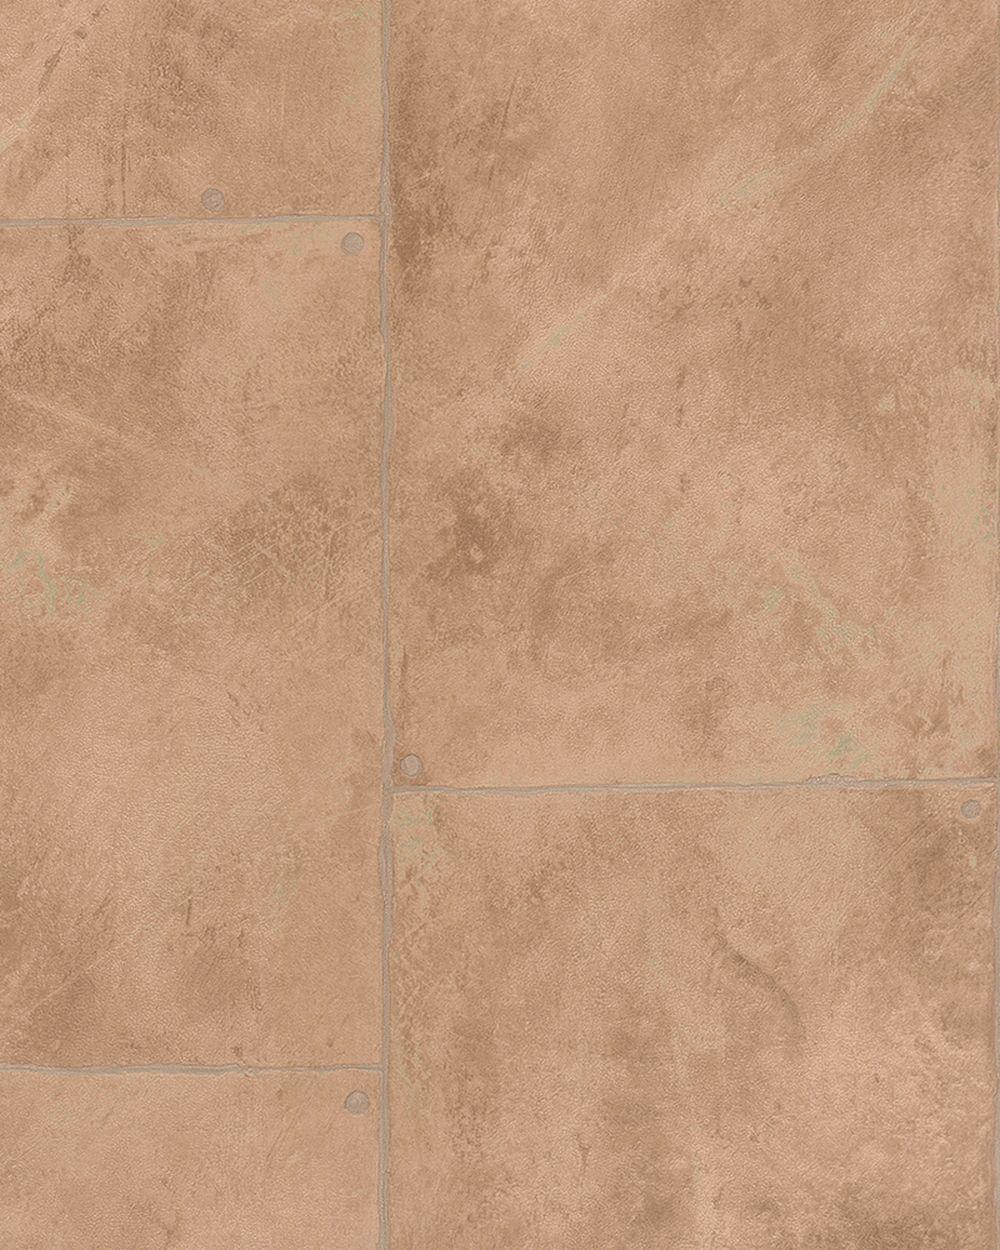 vliestapete beton optik platte beigebraun glanz marburg 59330